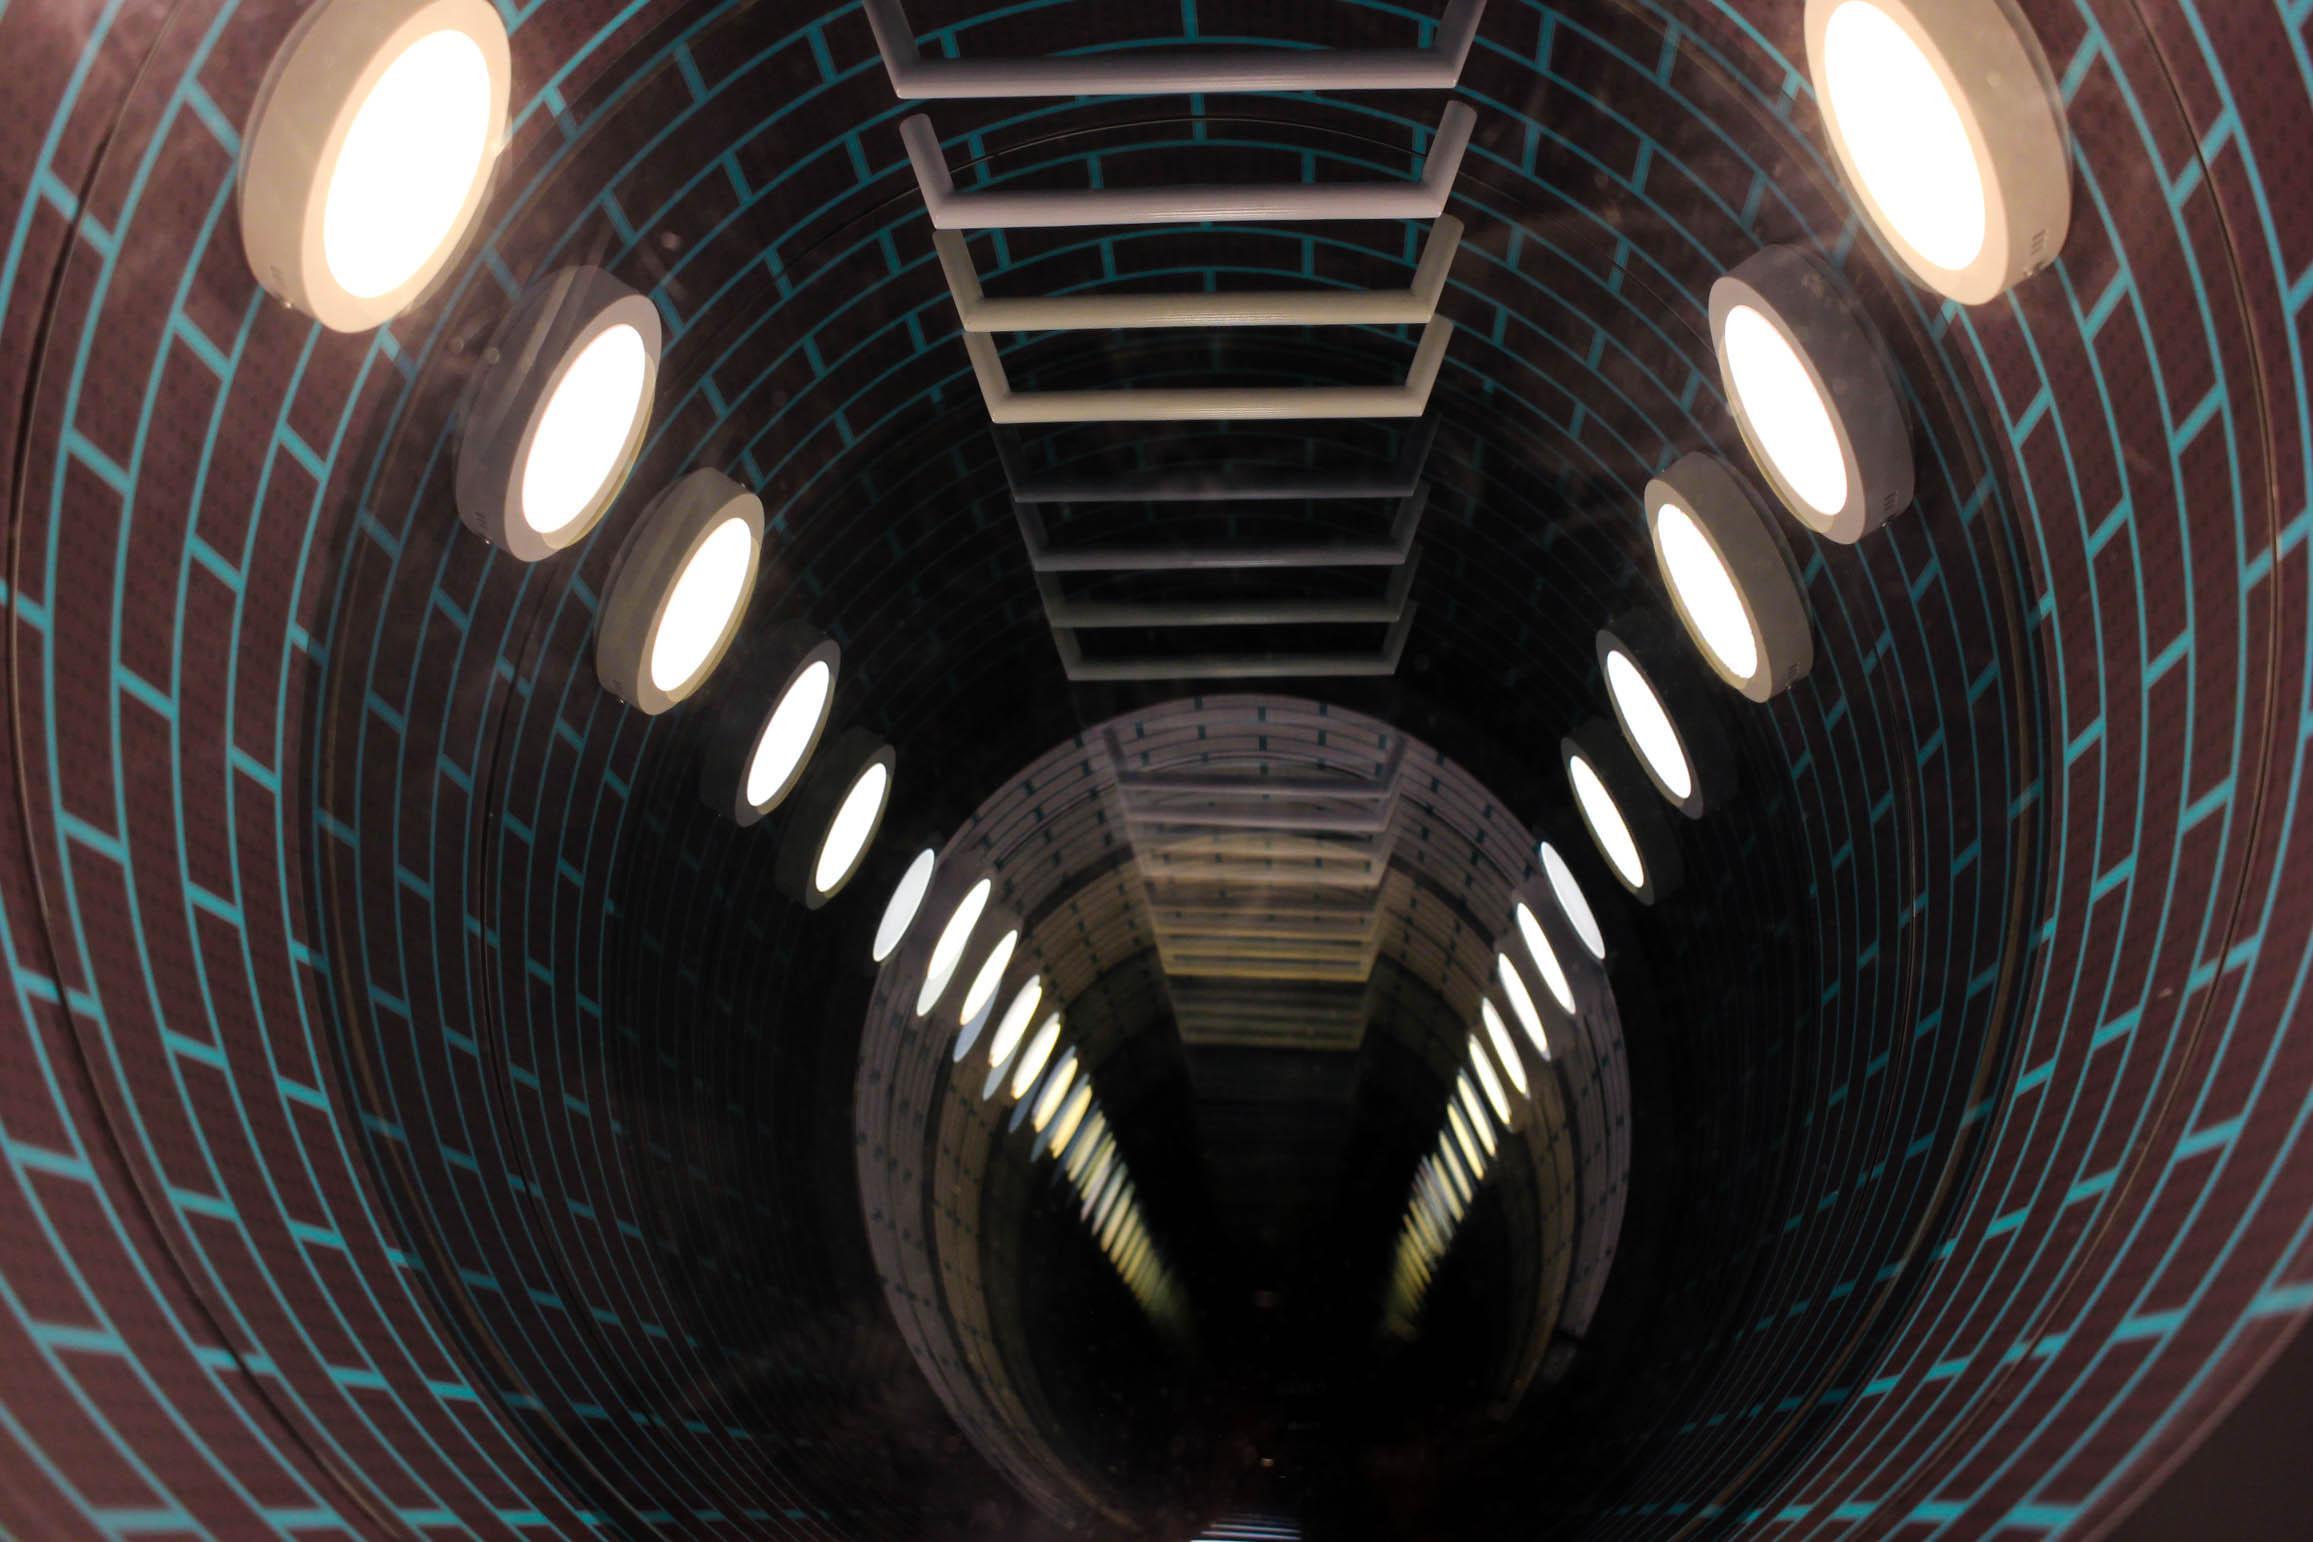 Museum of Illusions Photo Exhibit photo courtesy of Ruth Ann Vasquez